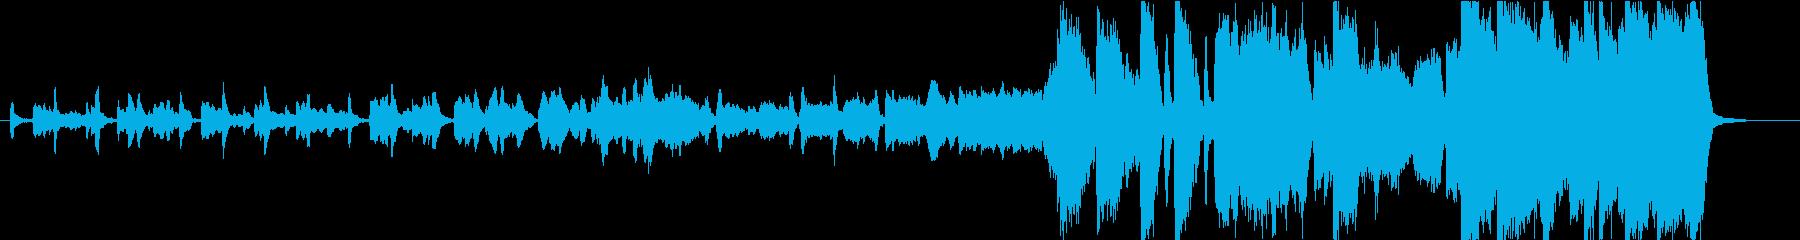 後半盛り上がる管弦楽曲の再生済みの波形